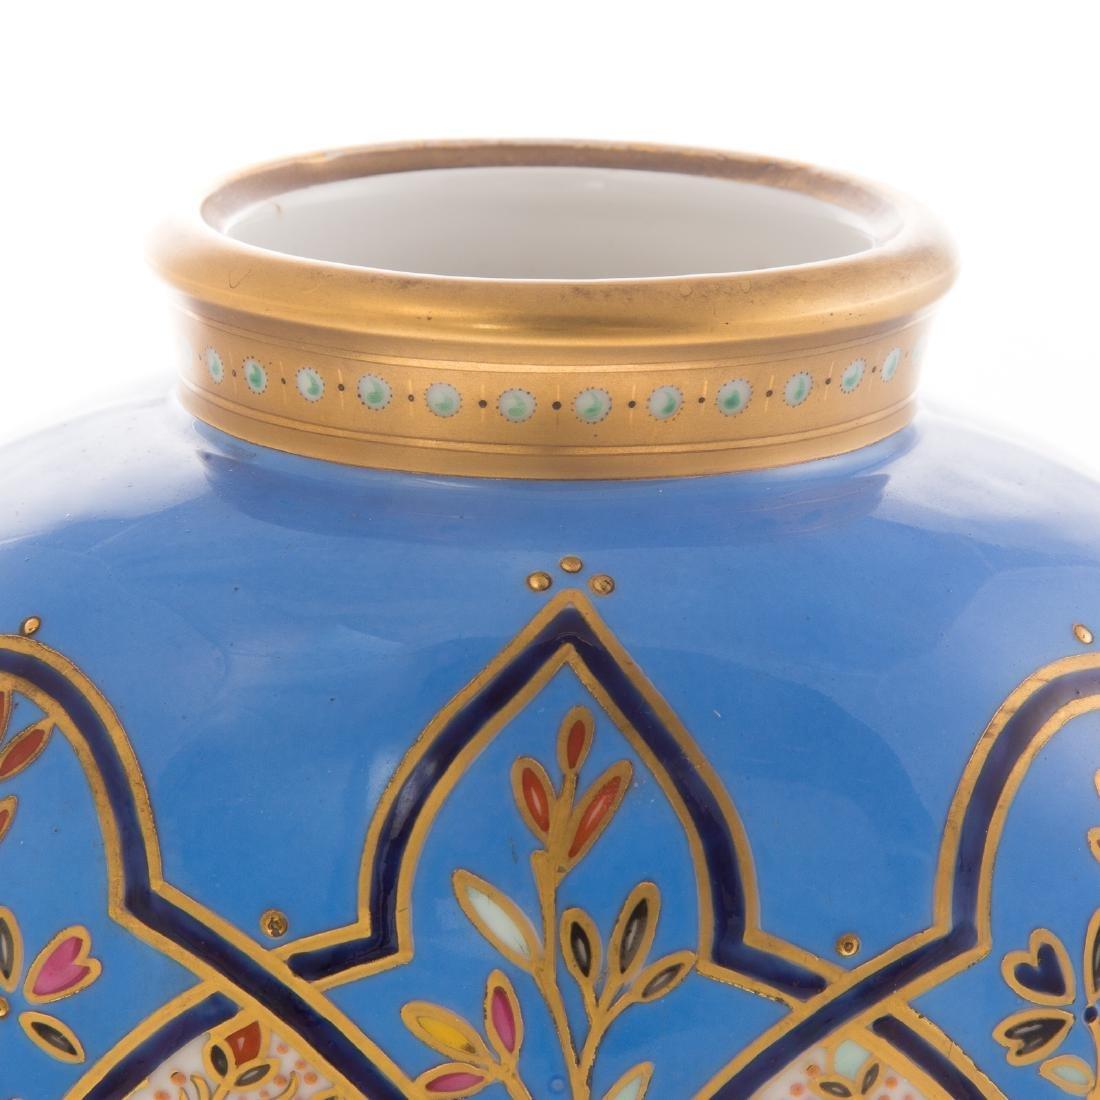 Limoges Porcelain Vase - 2